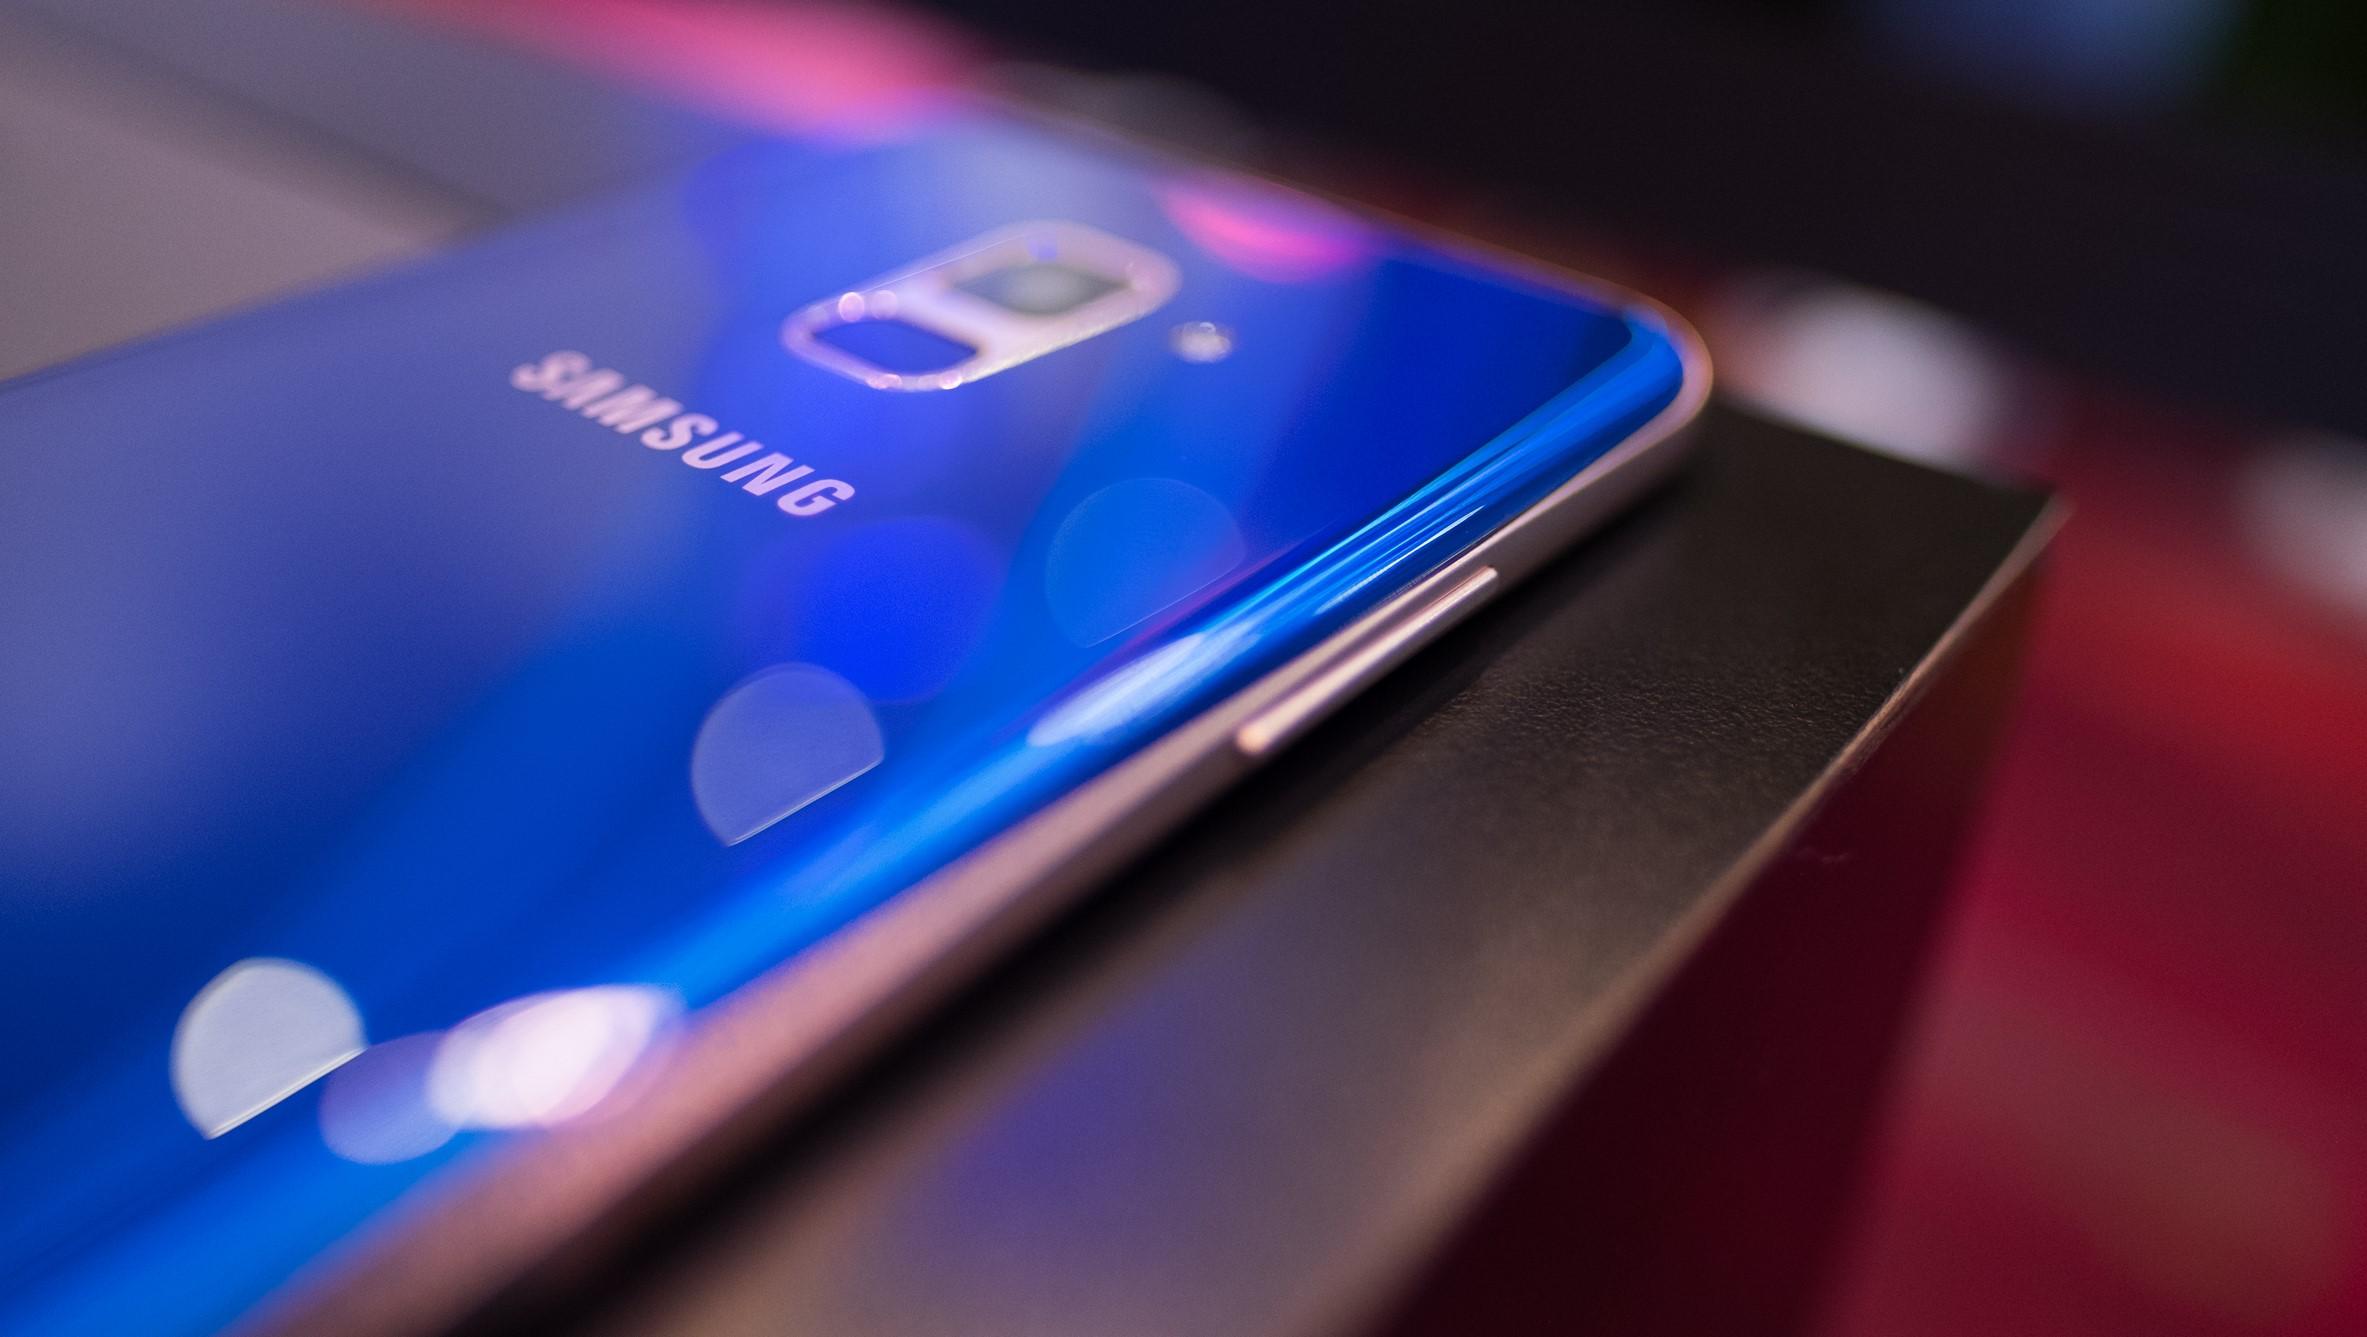 Samsung Galaxy A6 e A6+, come saranno i nuovi smartphone dell'azienda